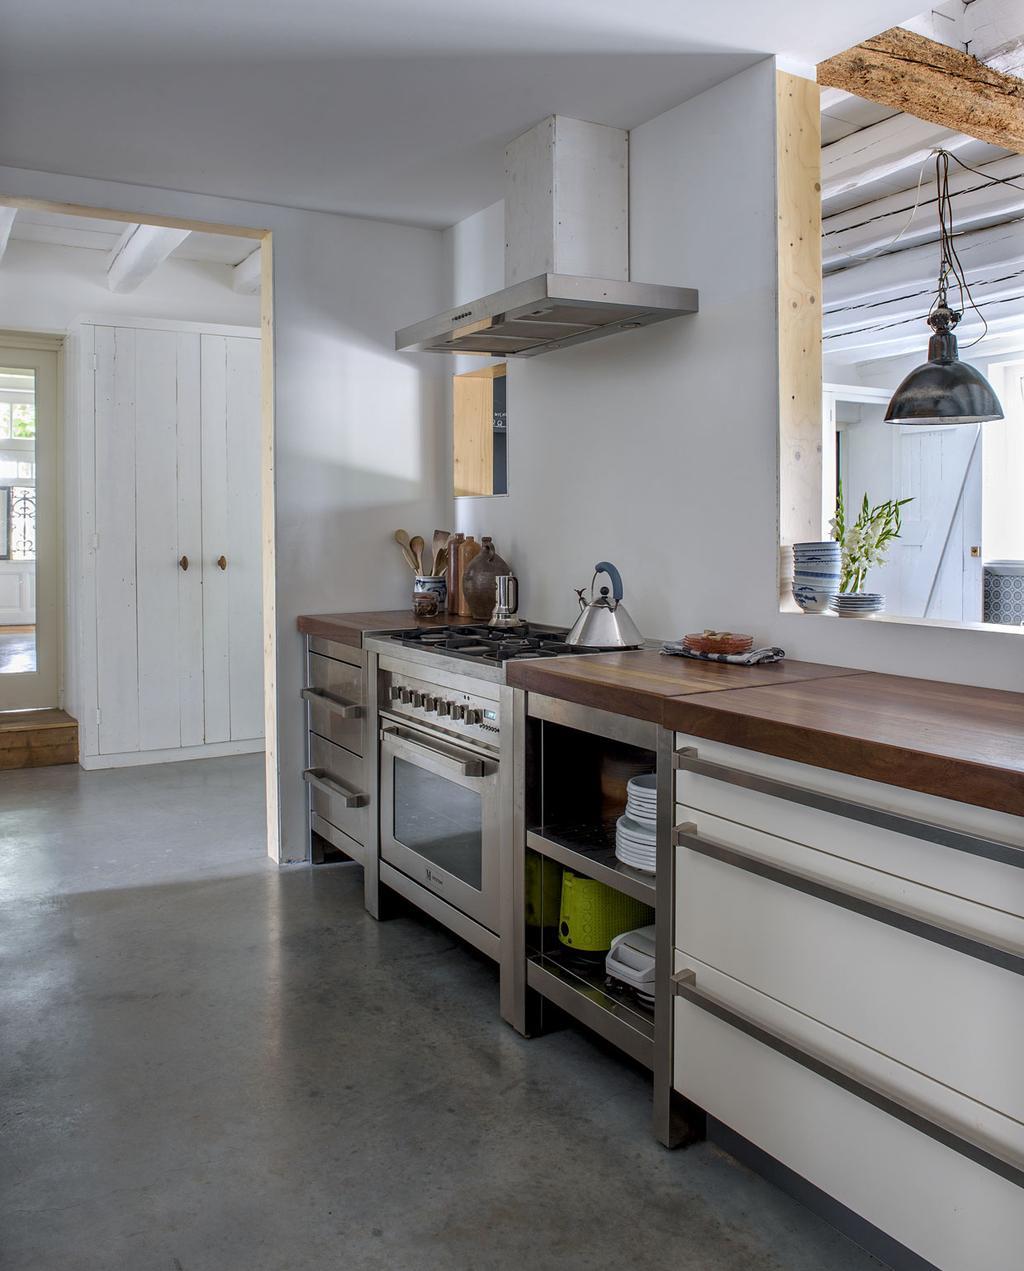 vtwonen 11-2019 | binnenkijker Alblasserwaard boerderij woonkamer grijze vloer leefkeuken houte keukenblad